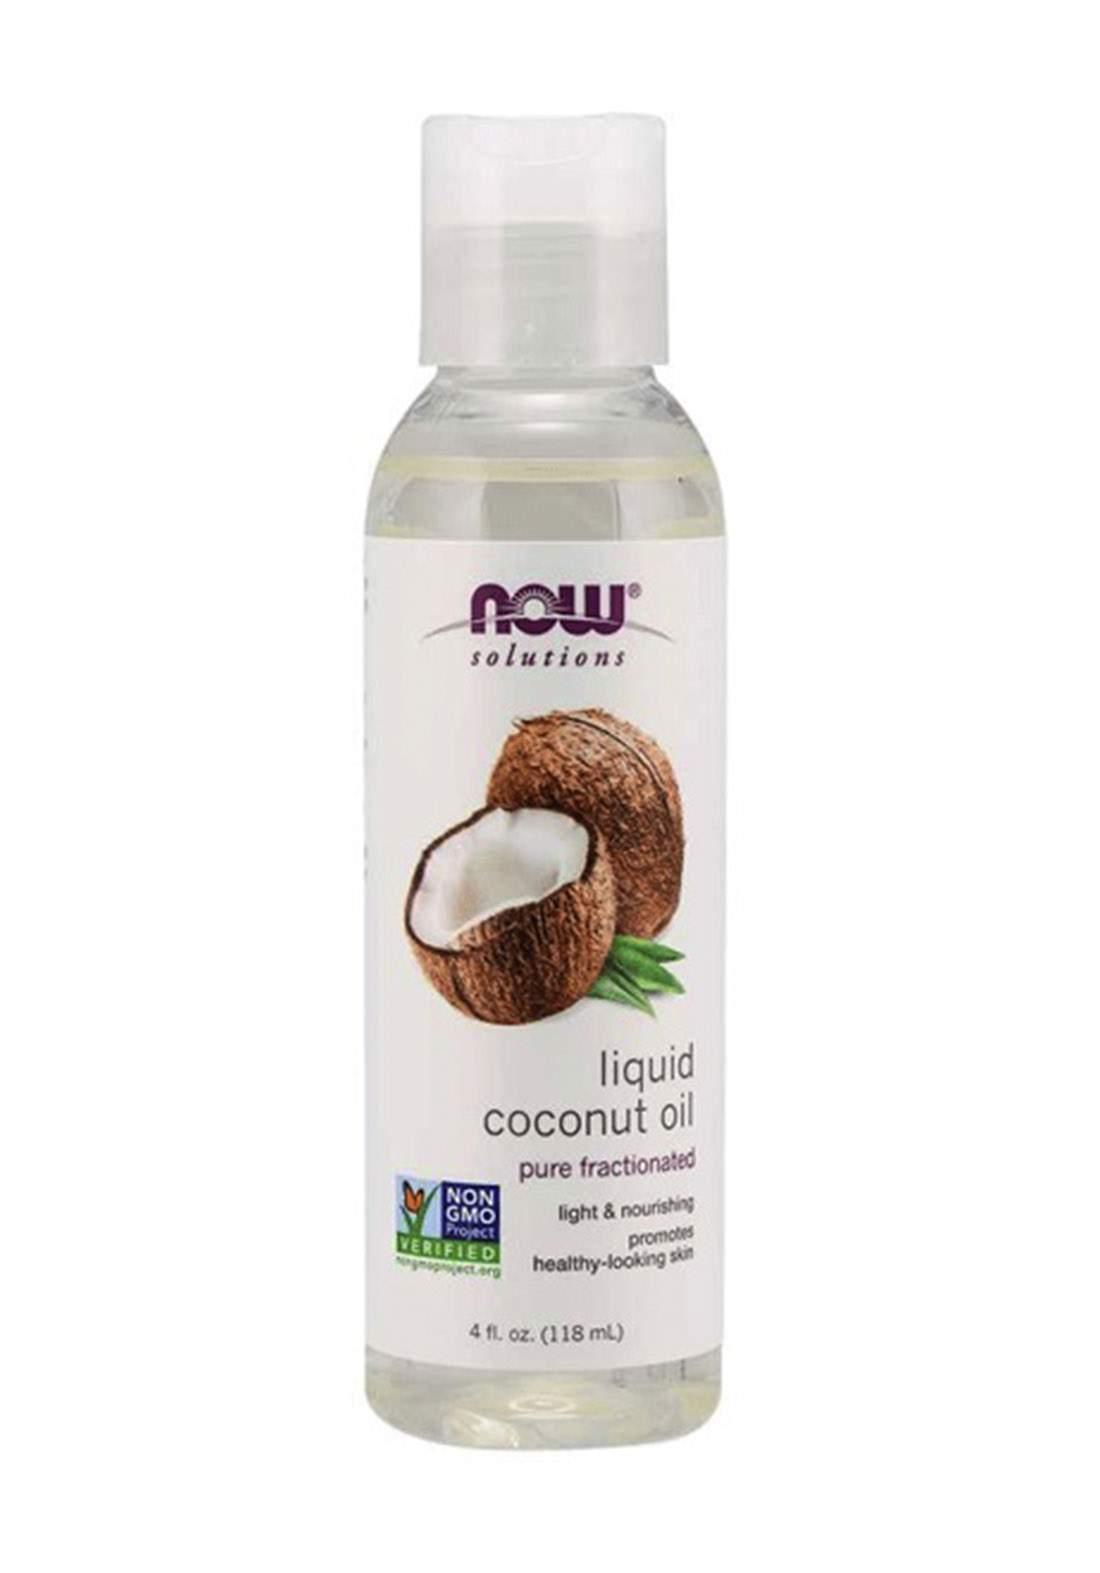 Now Solutions Liquid Coconut Oil 118ml زيت جوز الهند السائل